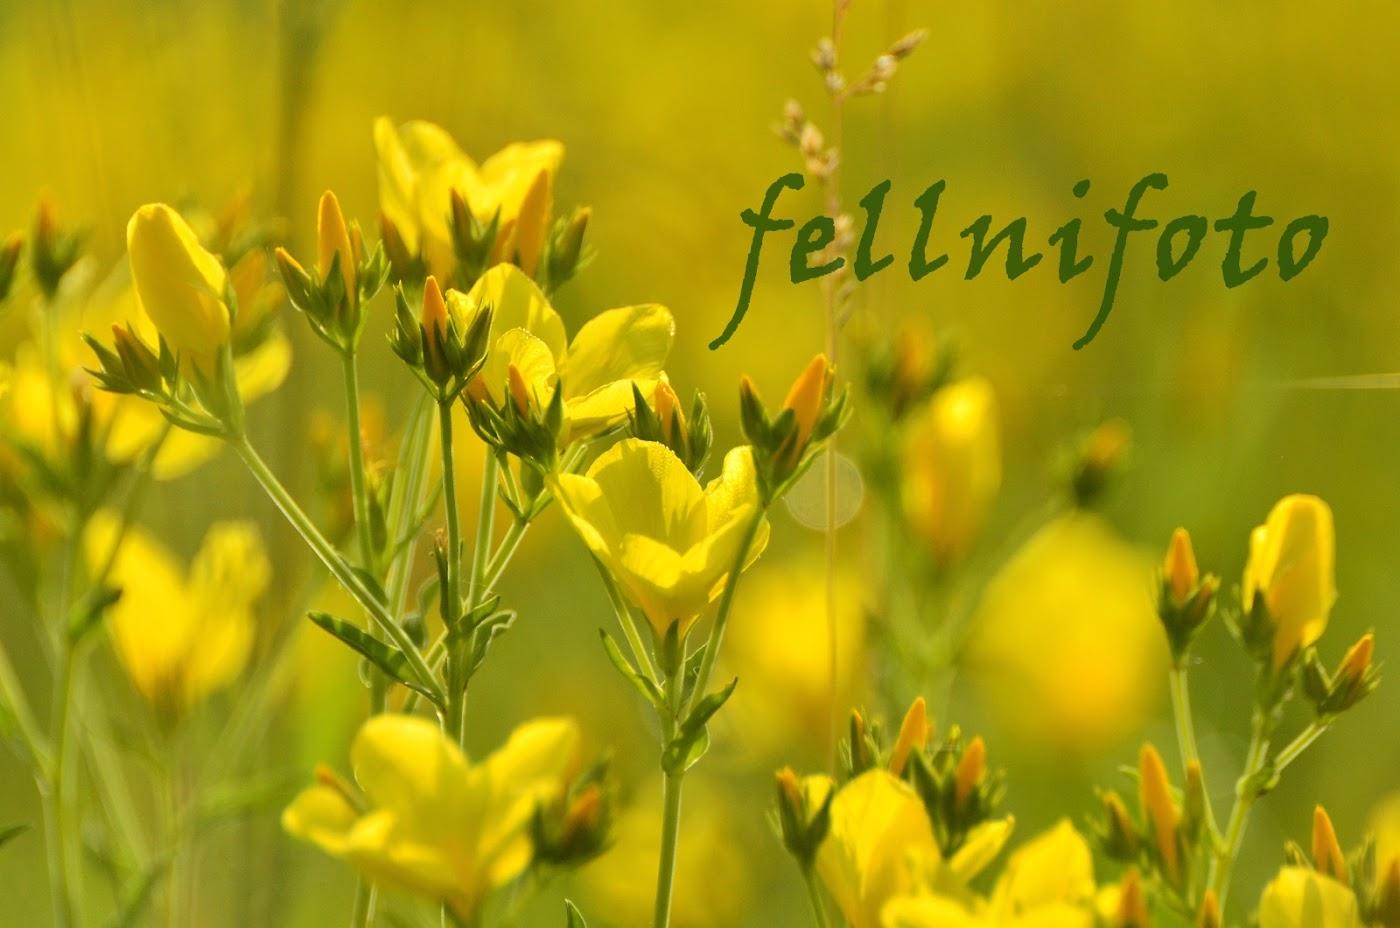 fellnifotó